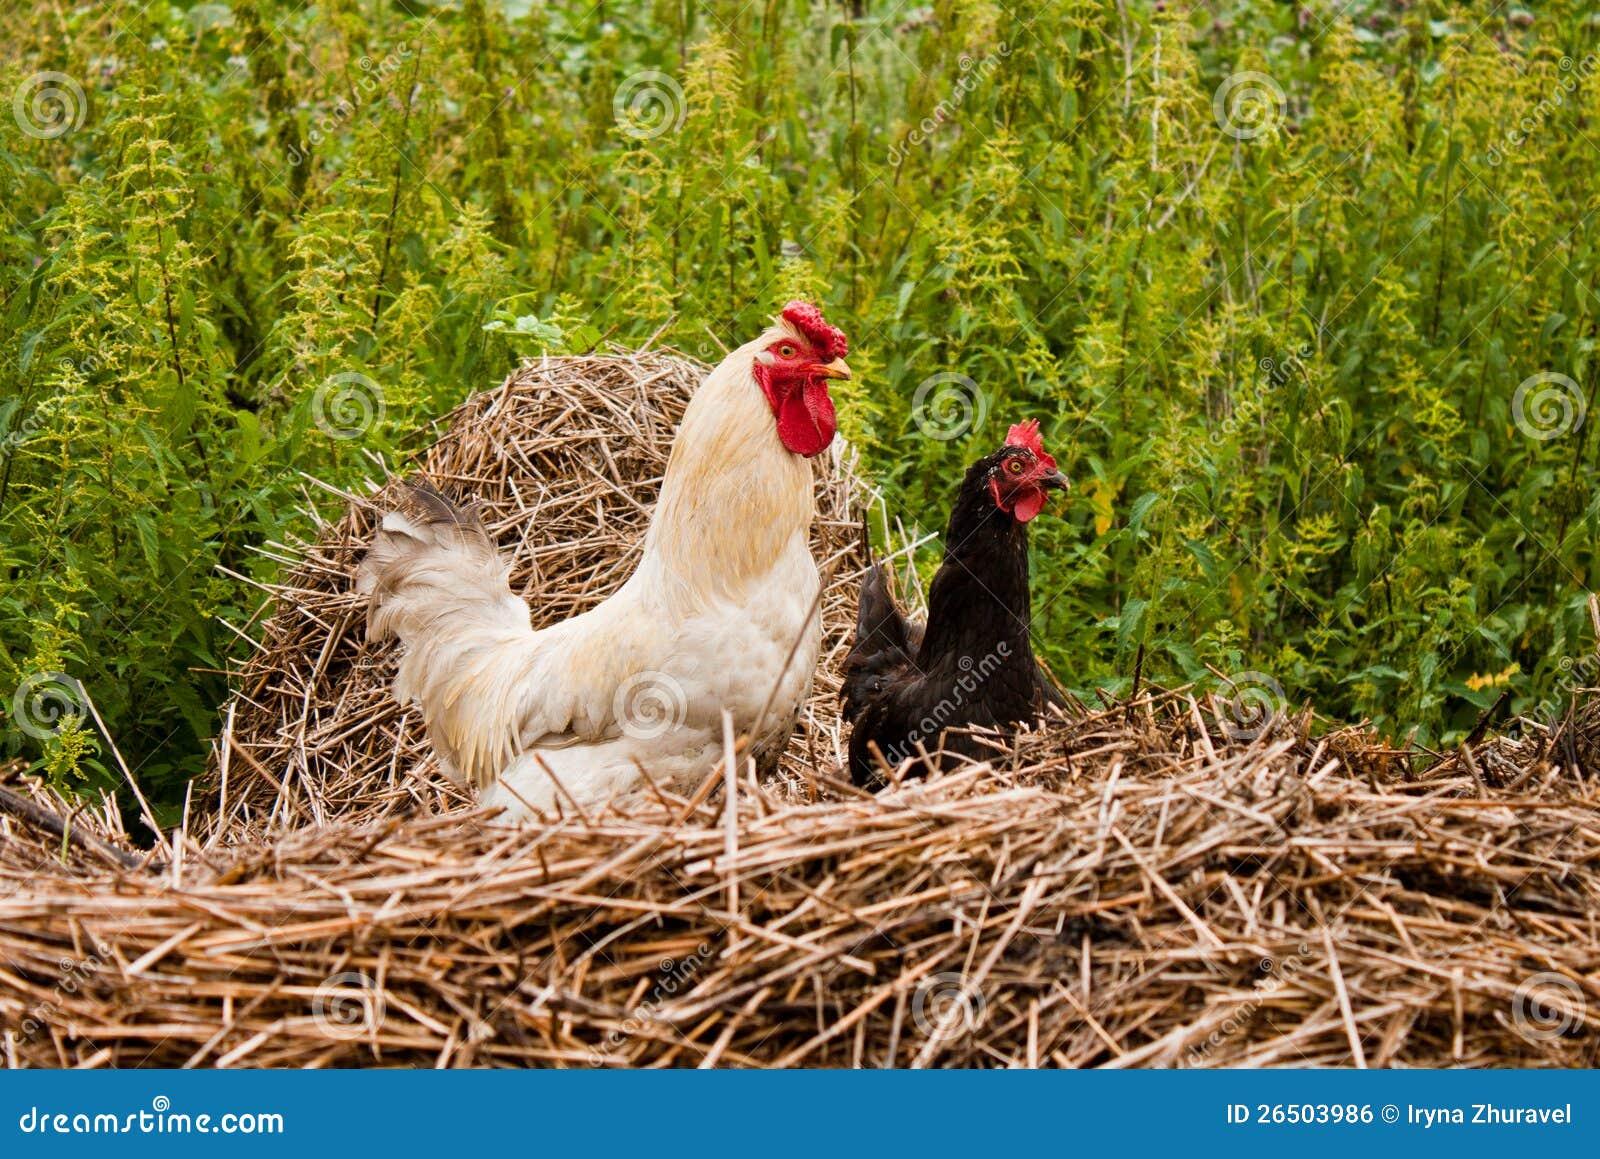 Pares de galinha anã